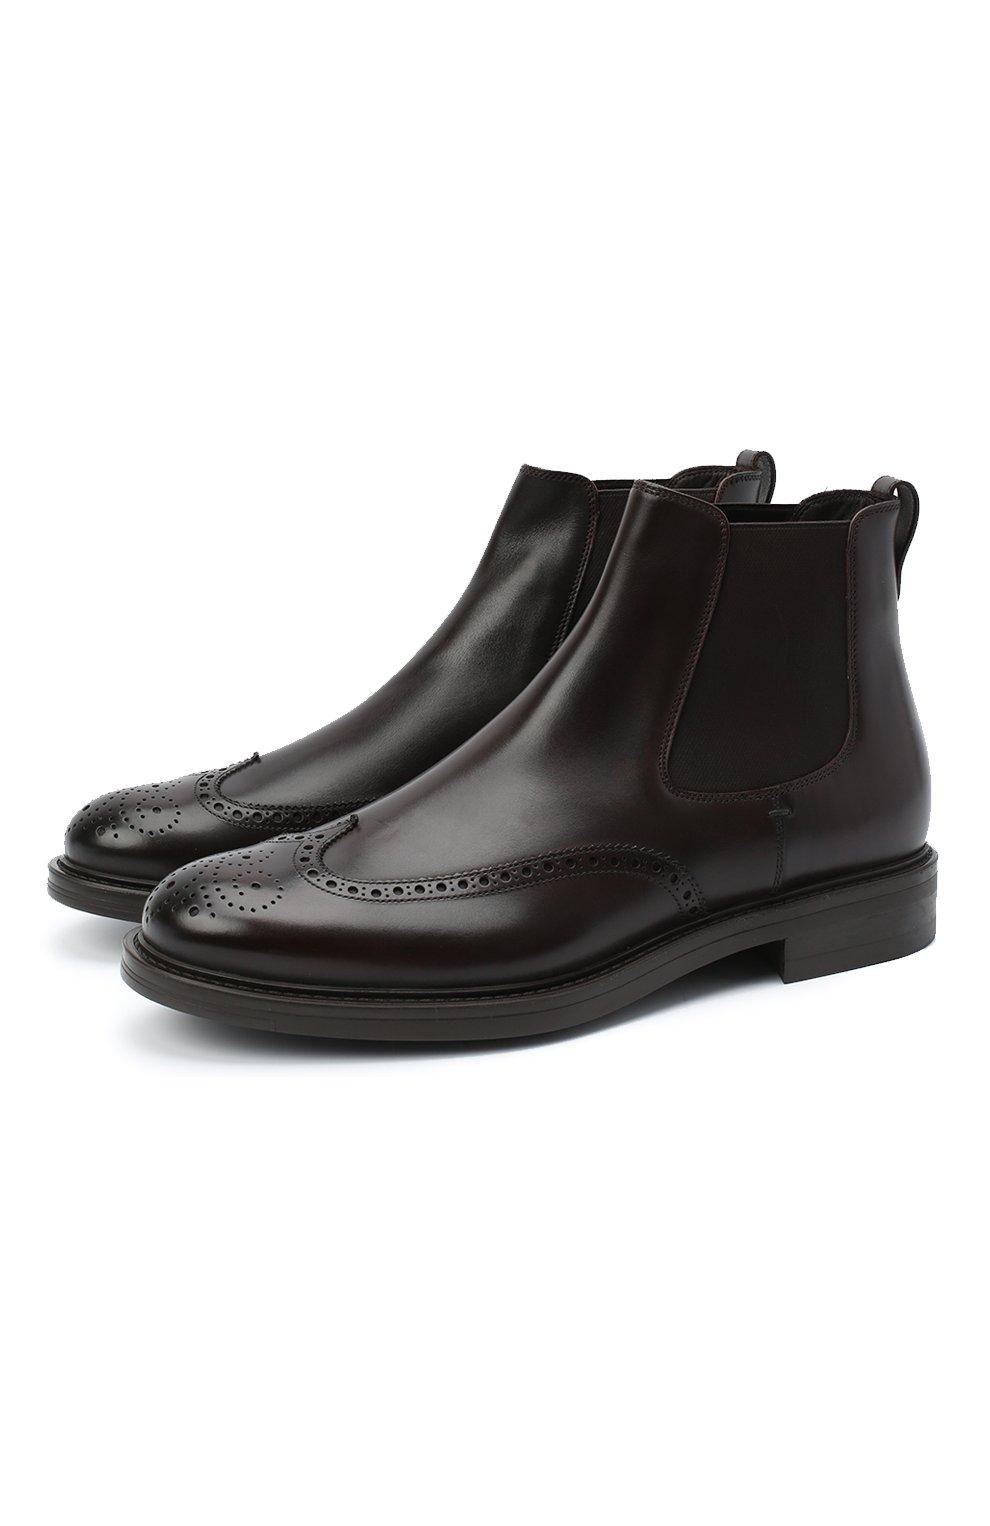 Мужские кожаные челси W.GIBBS темно-коричневого цвета, арт. 3169004/0214   Фото 1 (Материал внутренний: Натуральная кожа; Подошва: Плоская; Мужское Кросс-КТ: Сапоги-обувь, Челси-обувь)